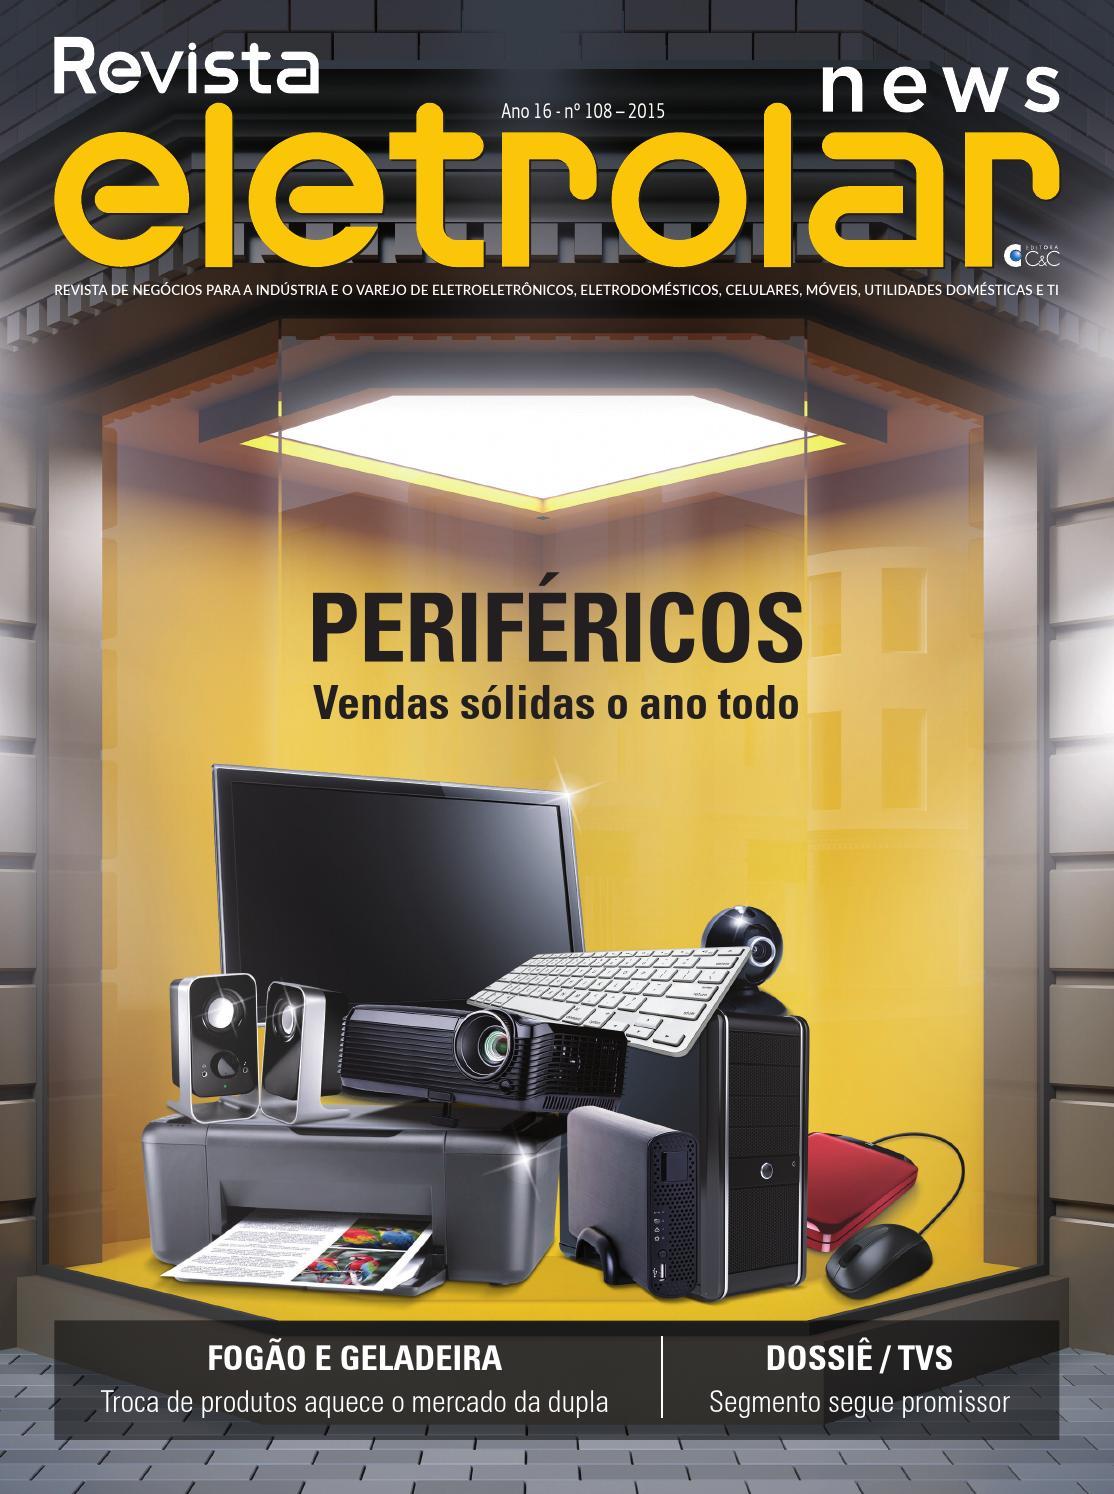 Revista Eletrolar News Ed 106 By Grupo Eletrolar Issuu ~ Balcão De Cozinha Colormaq Acoifa Pequena Para Cozinha